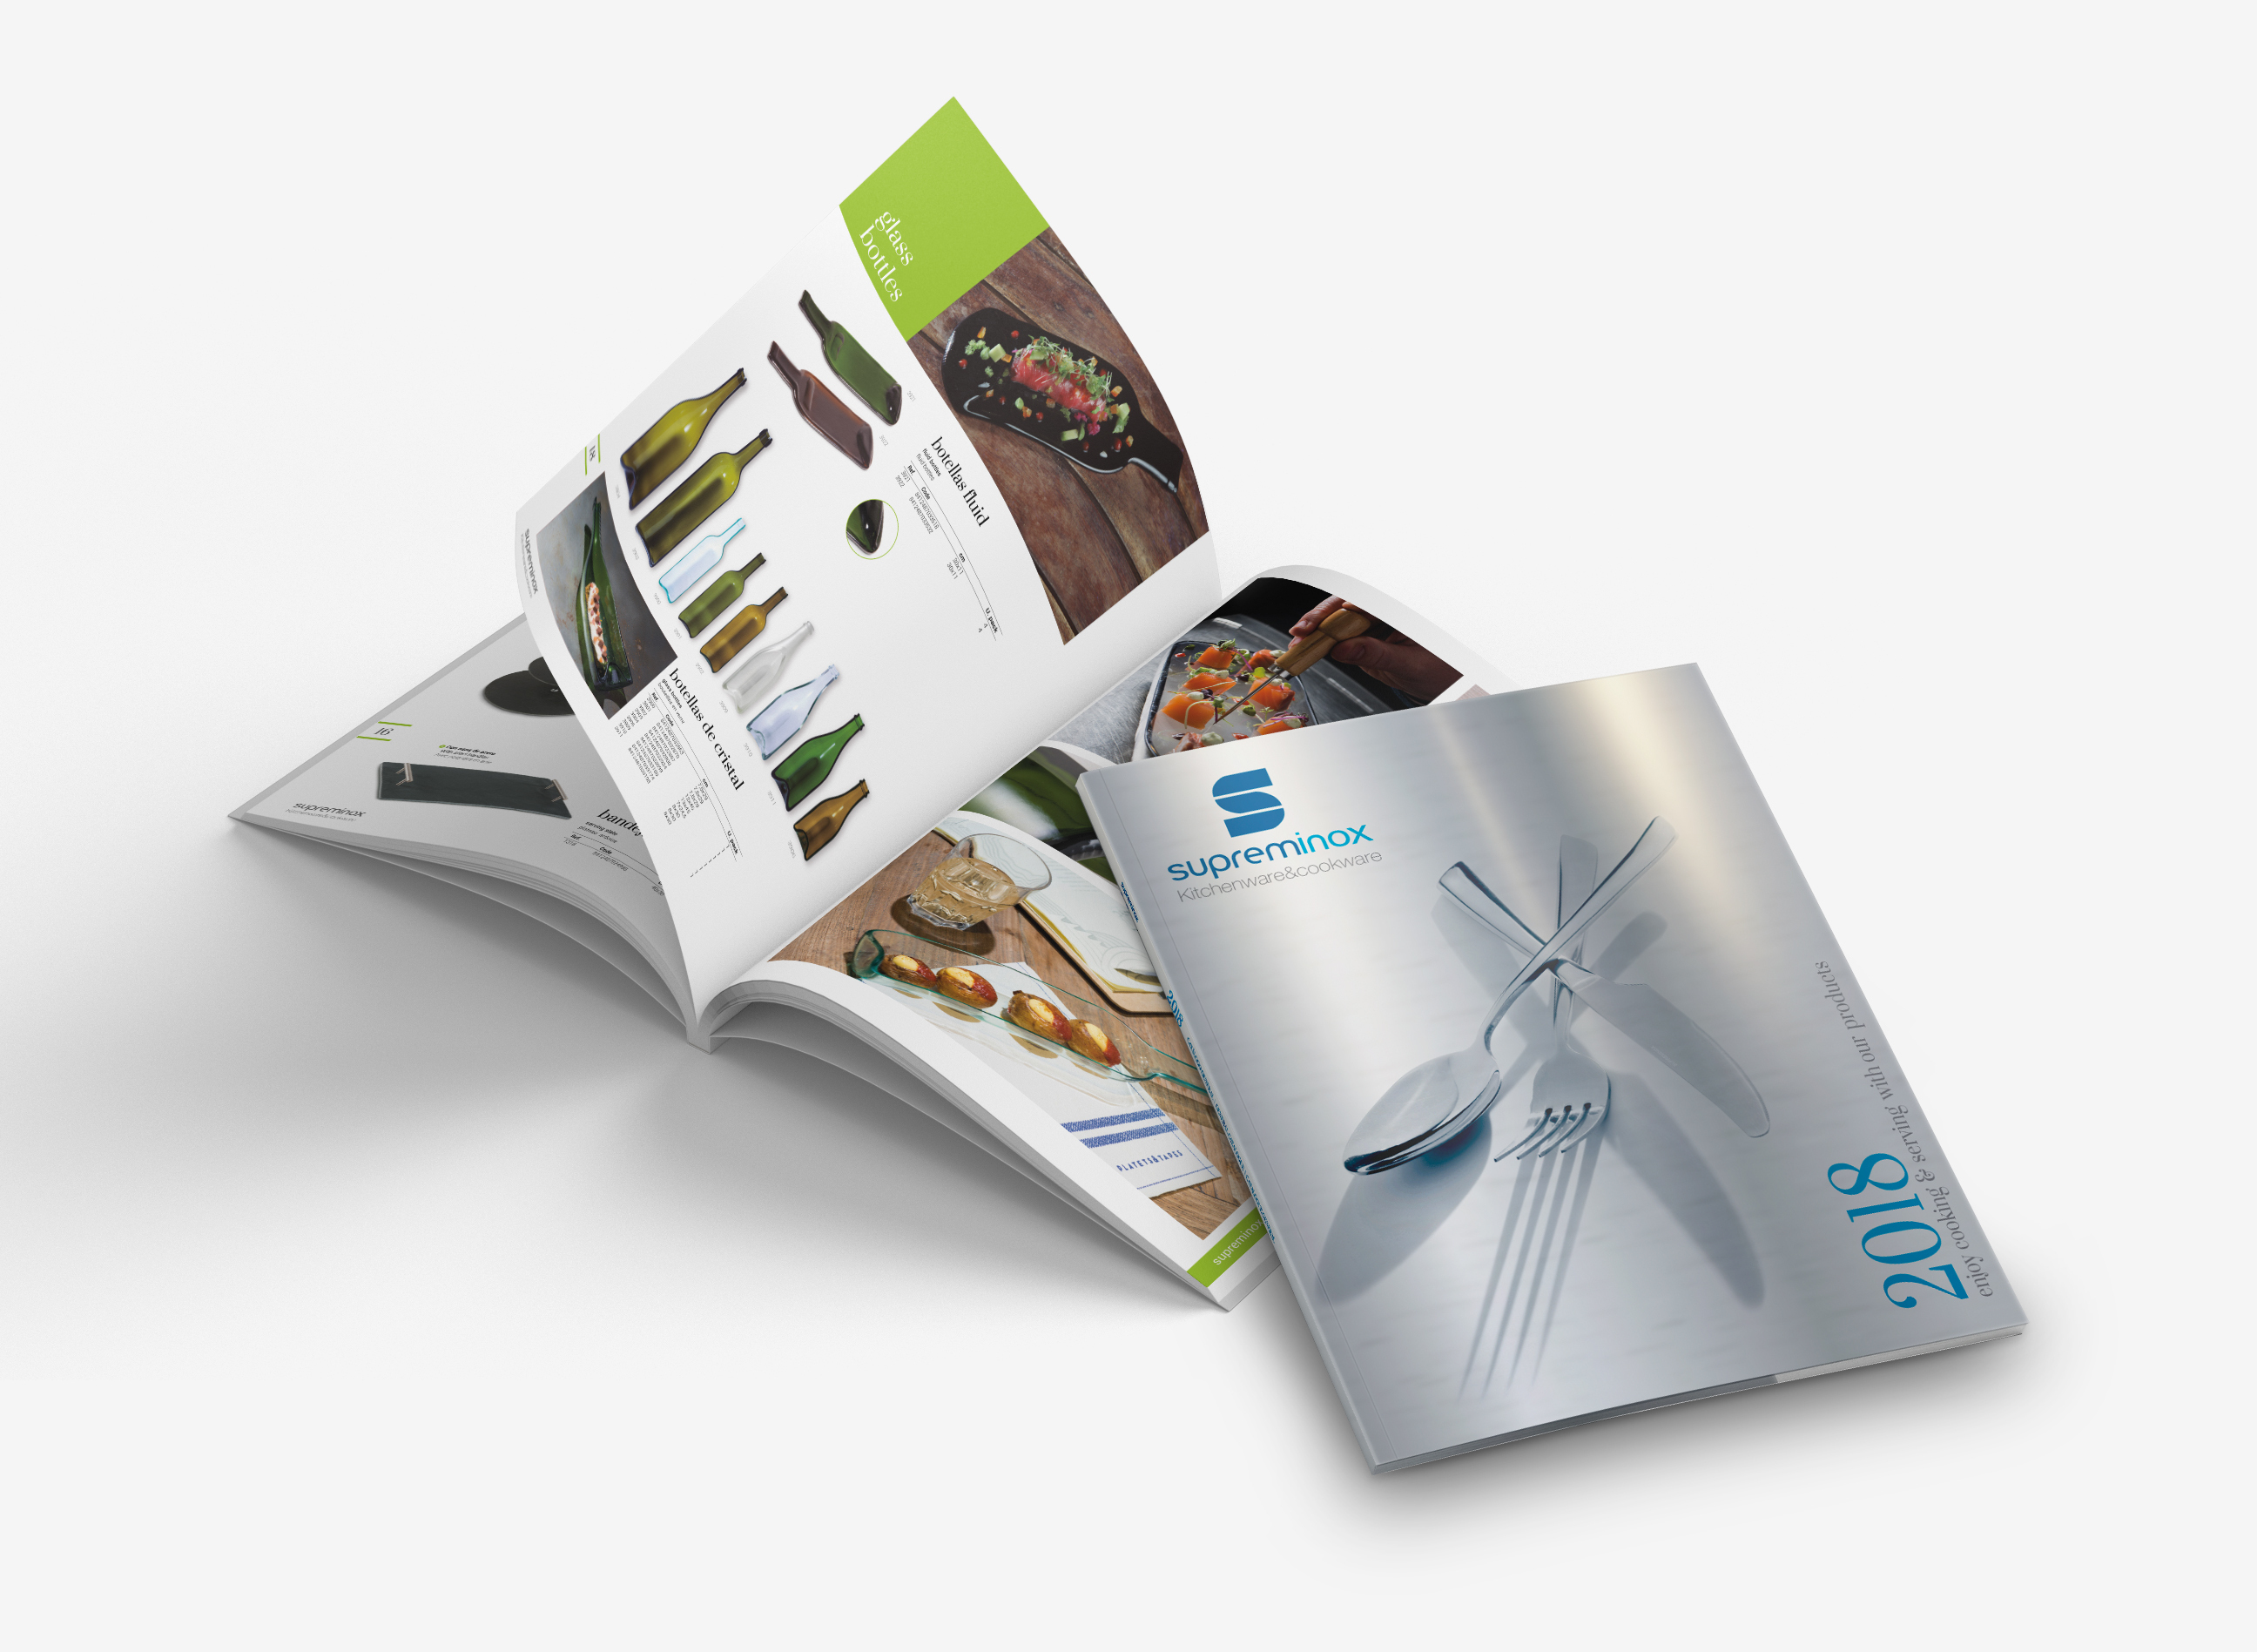 3 catalogo de productos horeca 2 - En el detalle esta la diferencia y con acabados especiales se consigue